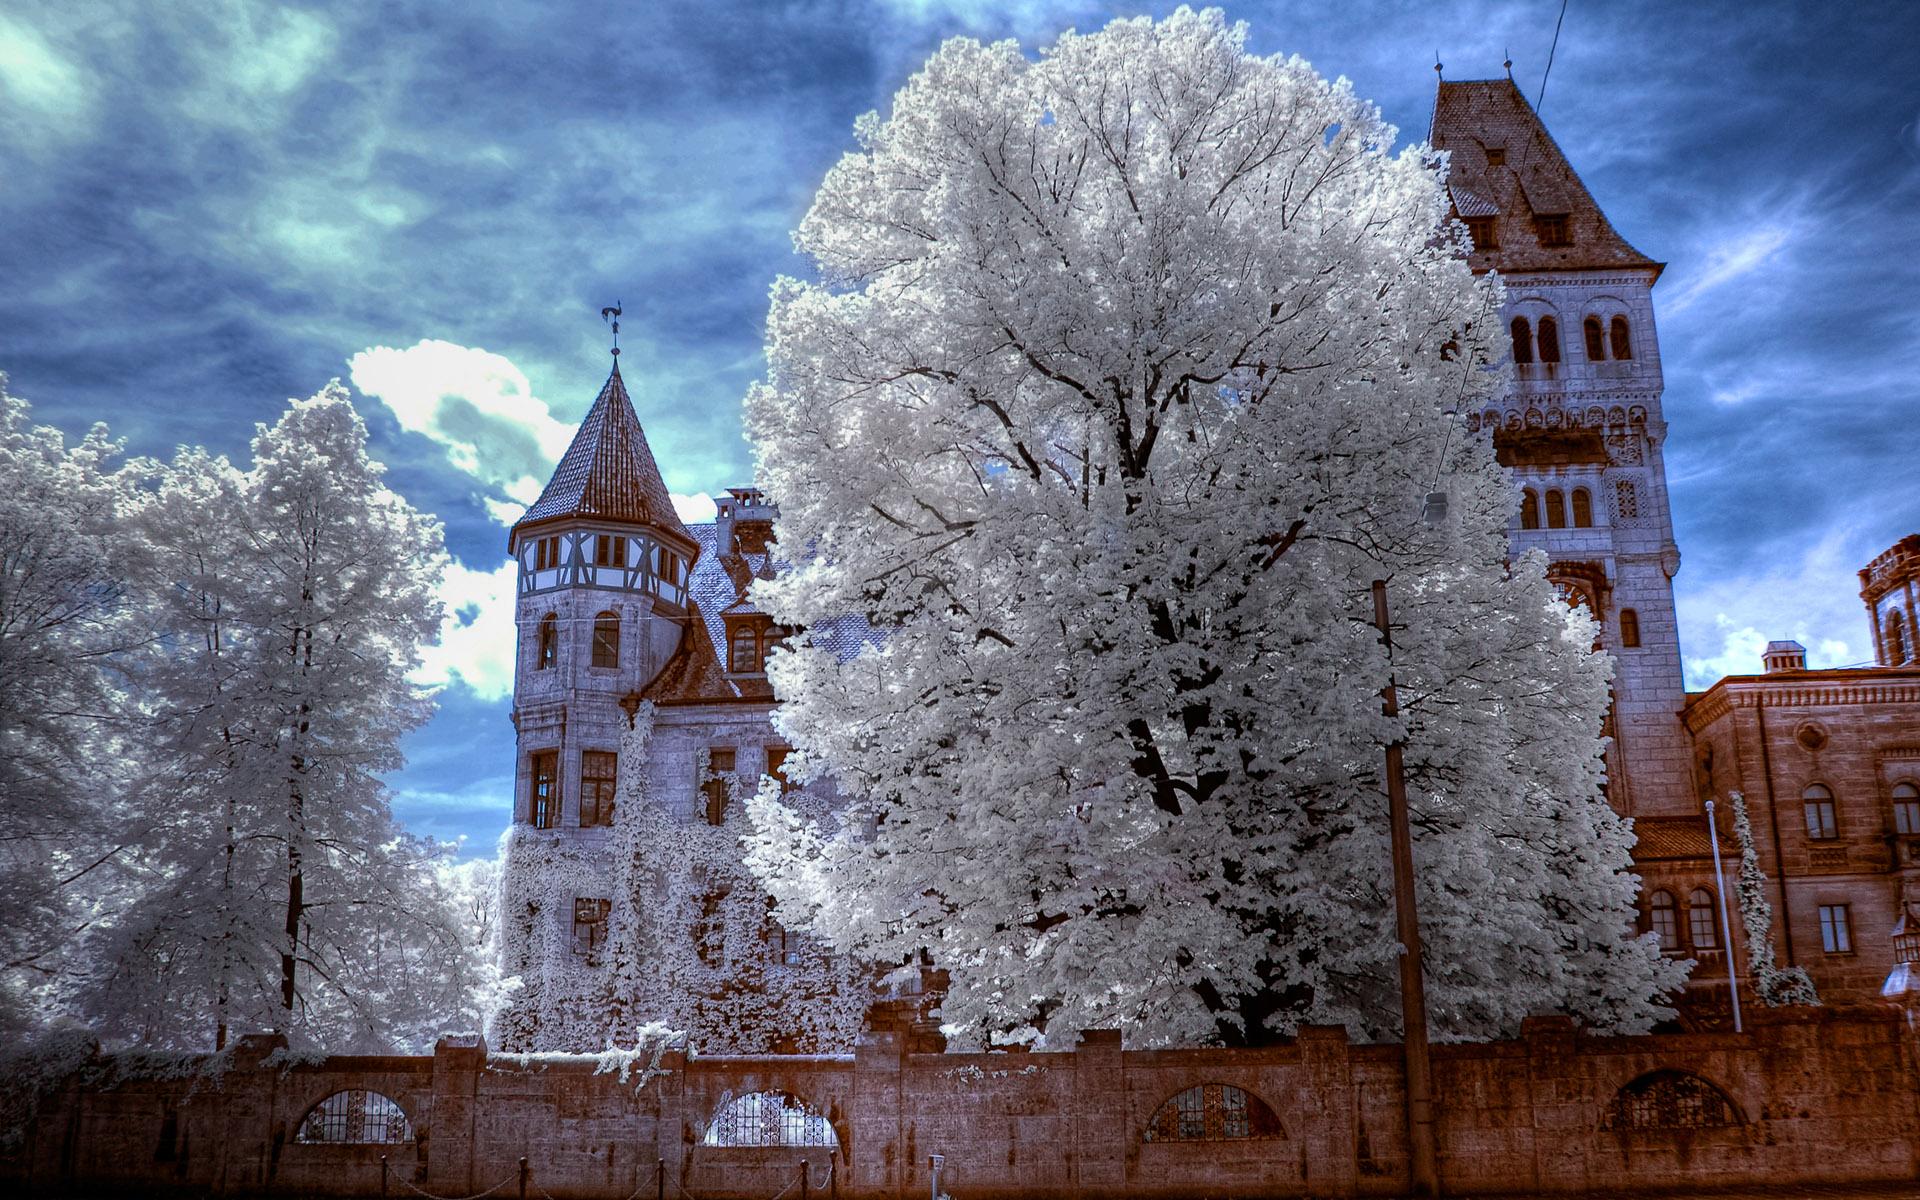 страны архитектура природа деревья ночь  № 3716980 бесплатно